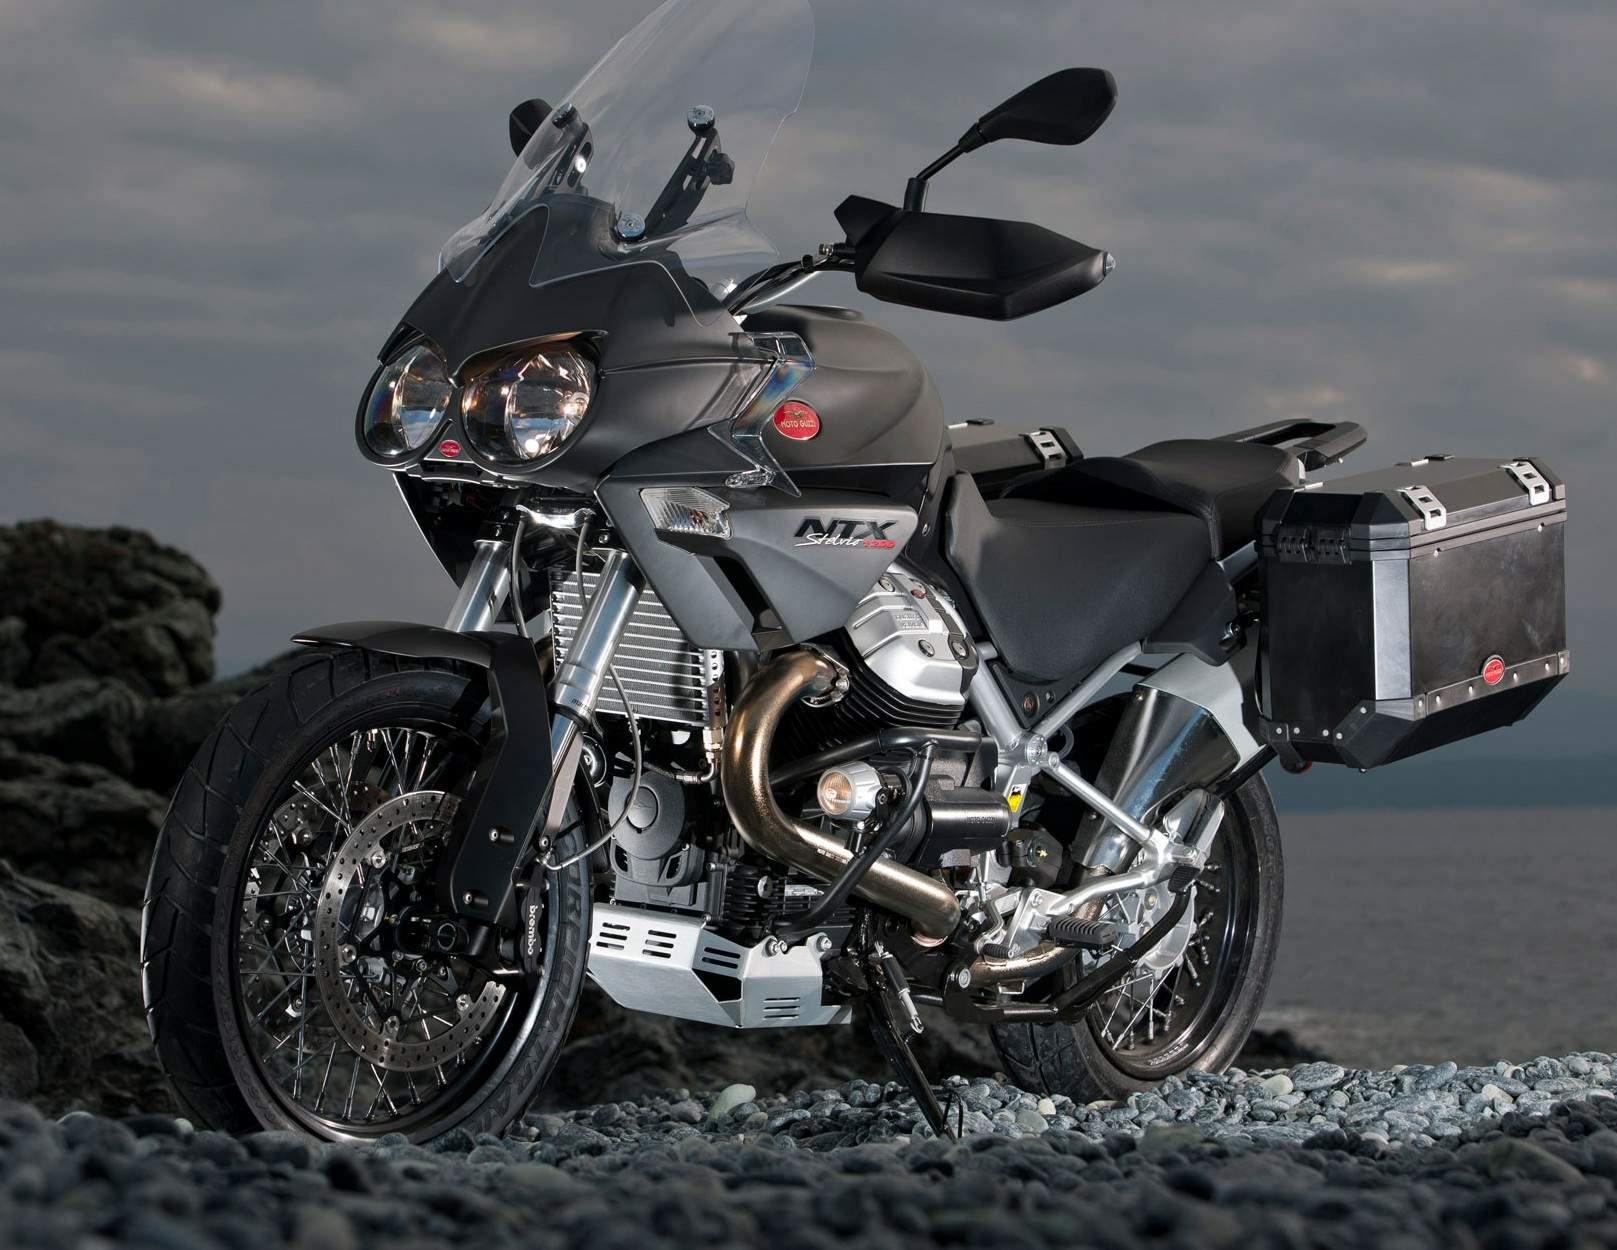 Мотоциклы с объемом двигателя 1200 см³